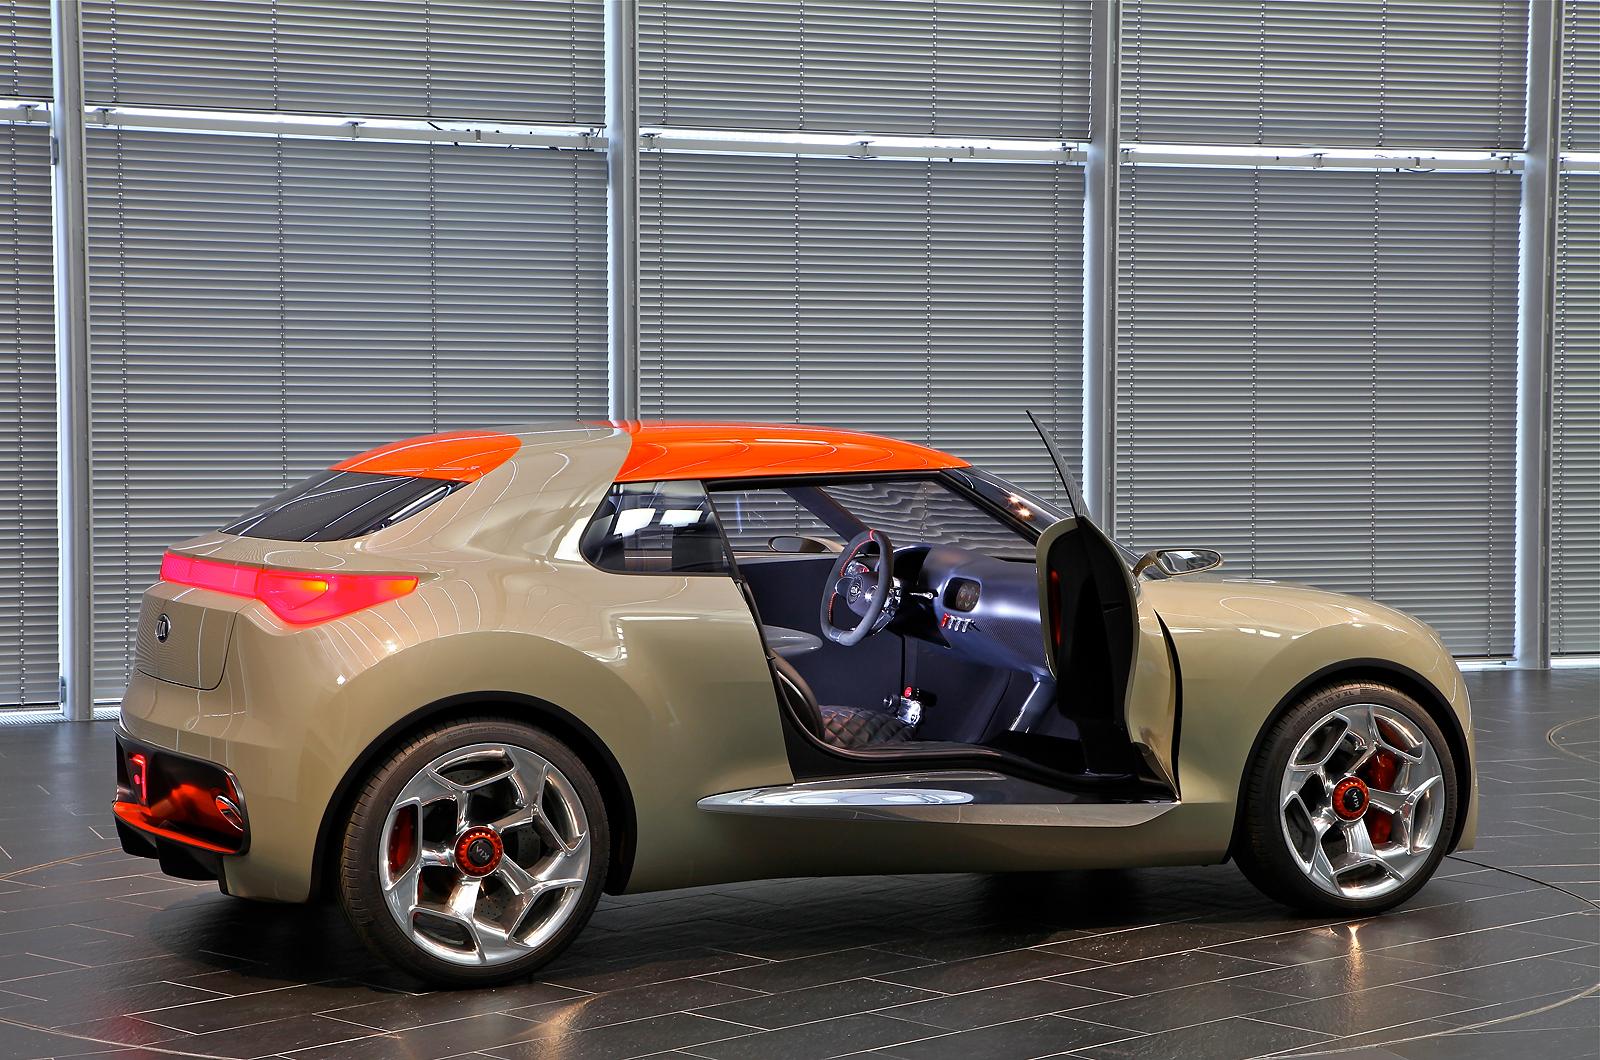 Kia Provo имеет безрамочные двери со стёклами, плавно переходящими на лобовое стекло через передние стойки...